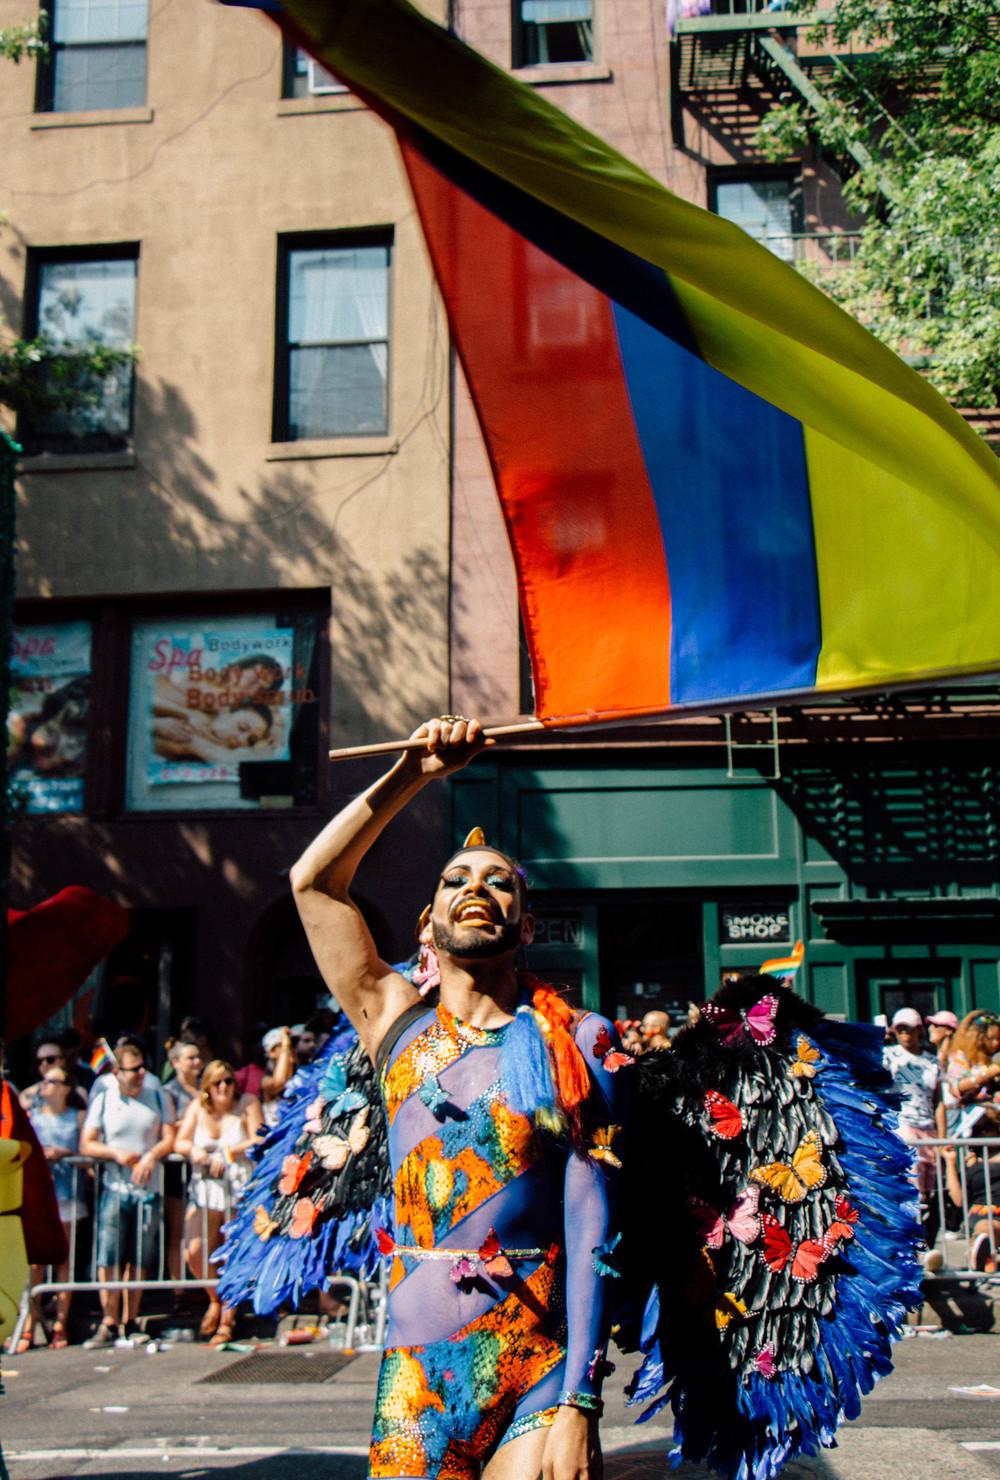 A Pride Parade marcher waves the flag of Ecuador.